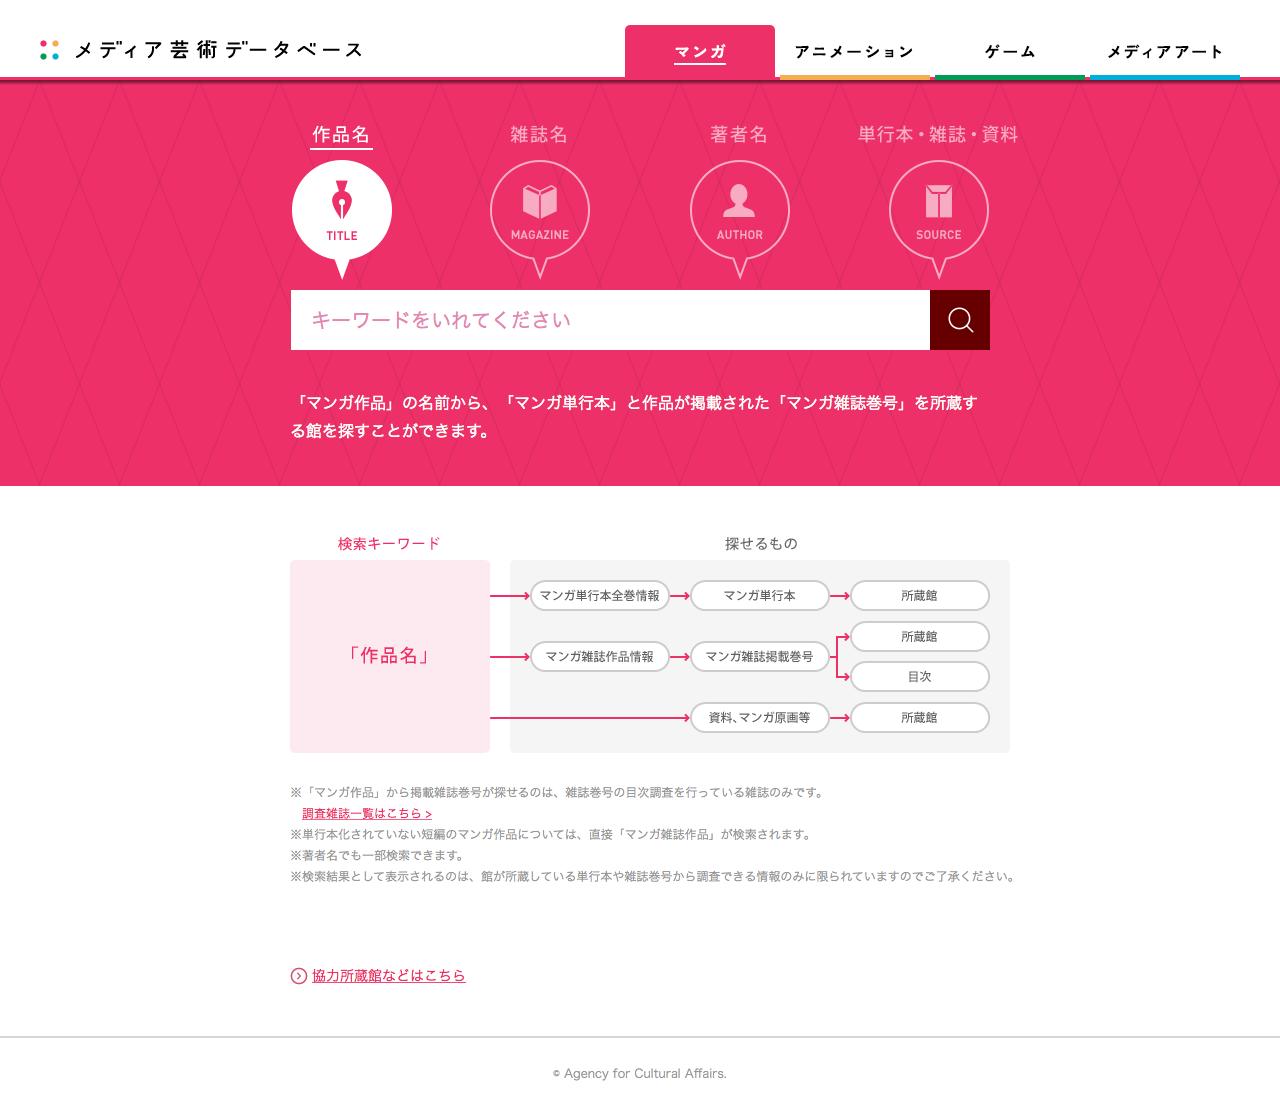 文化庁 メディア芸術データベース(開発版)マンガ ウェブサイト